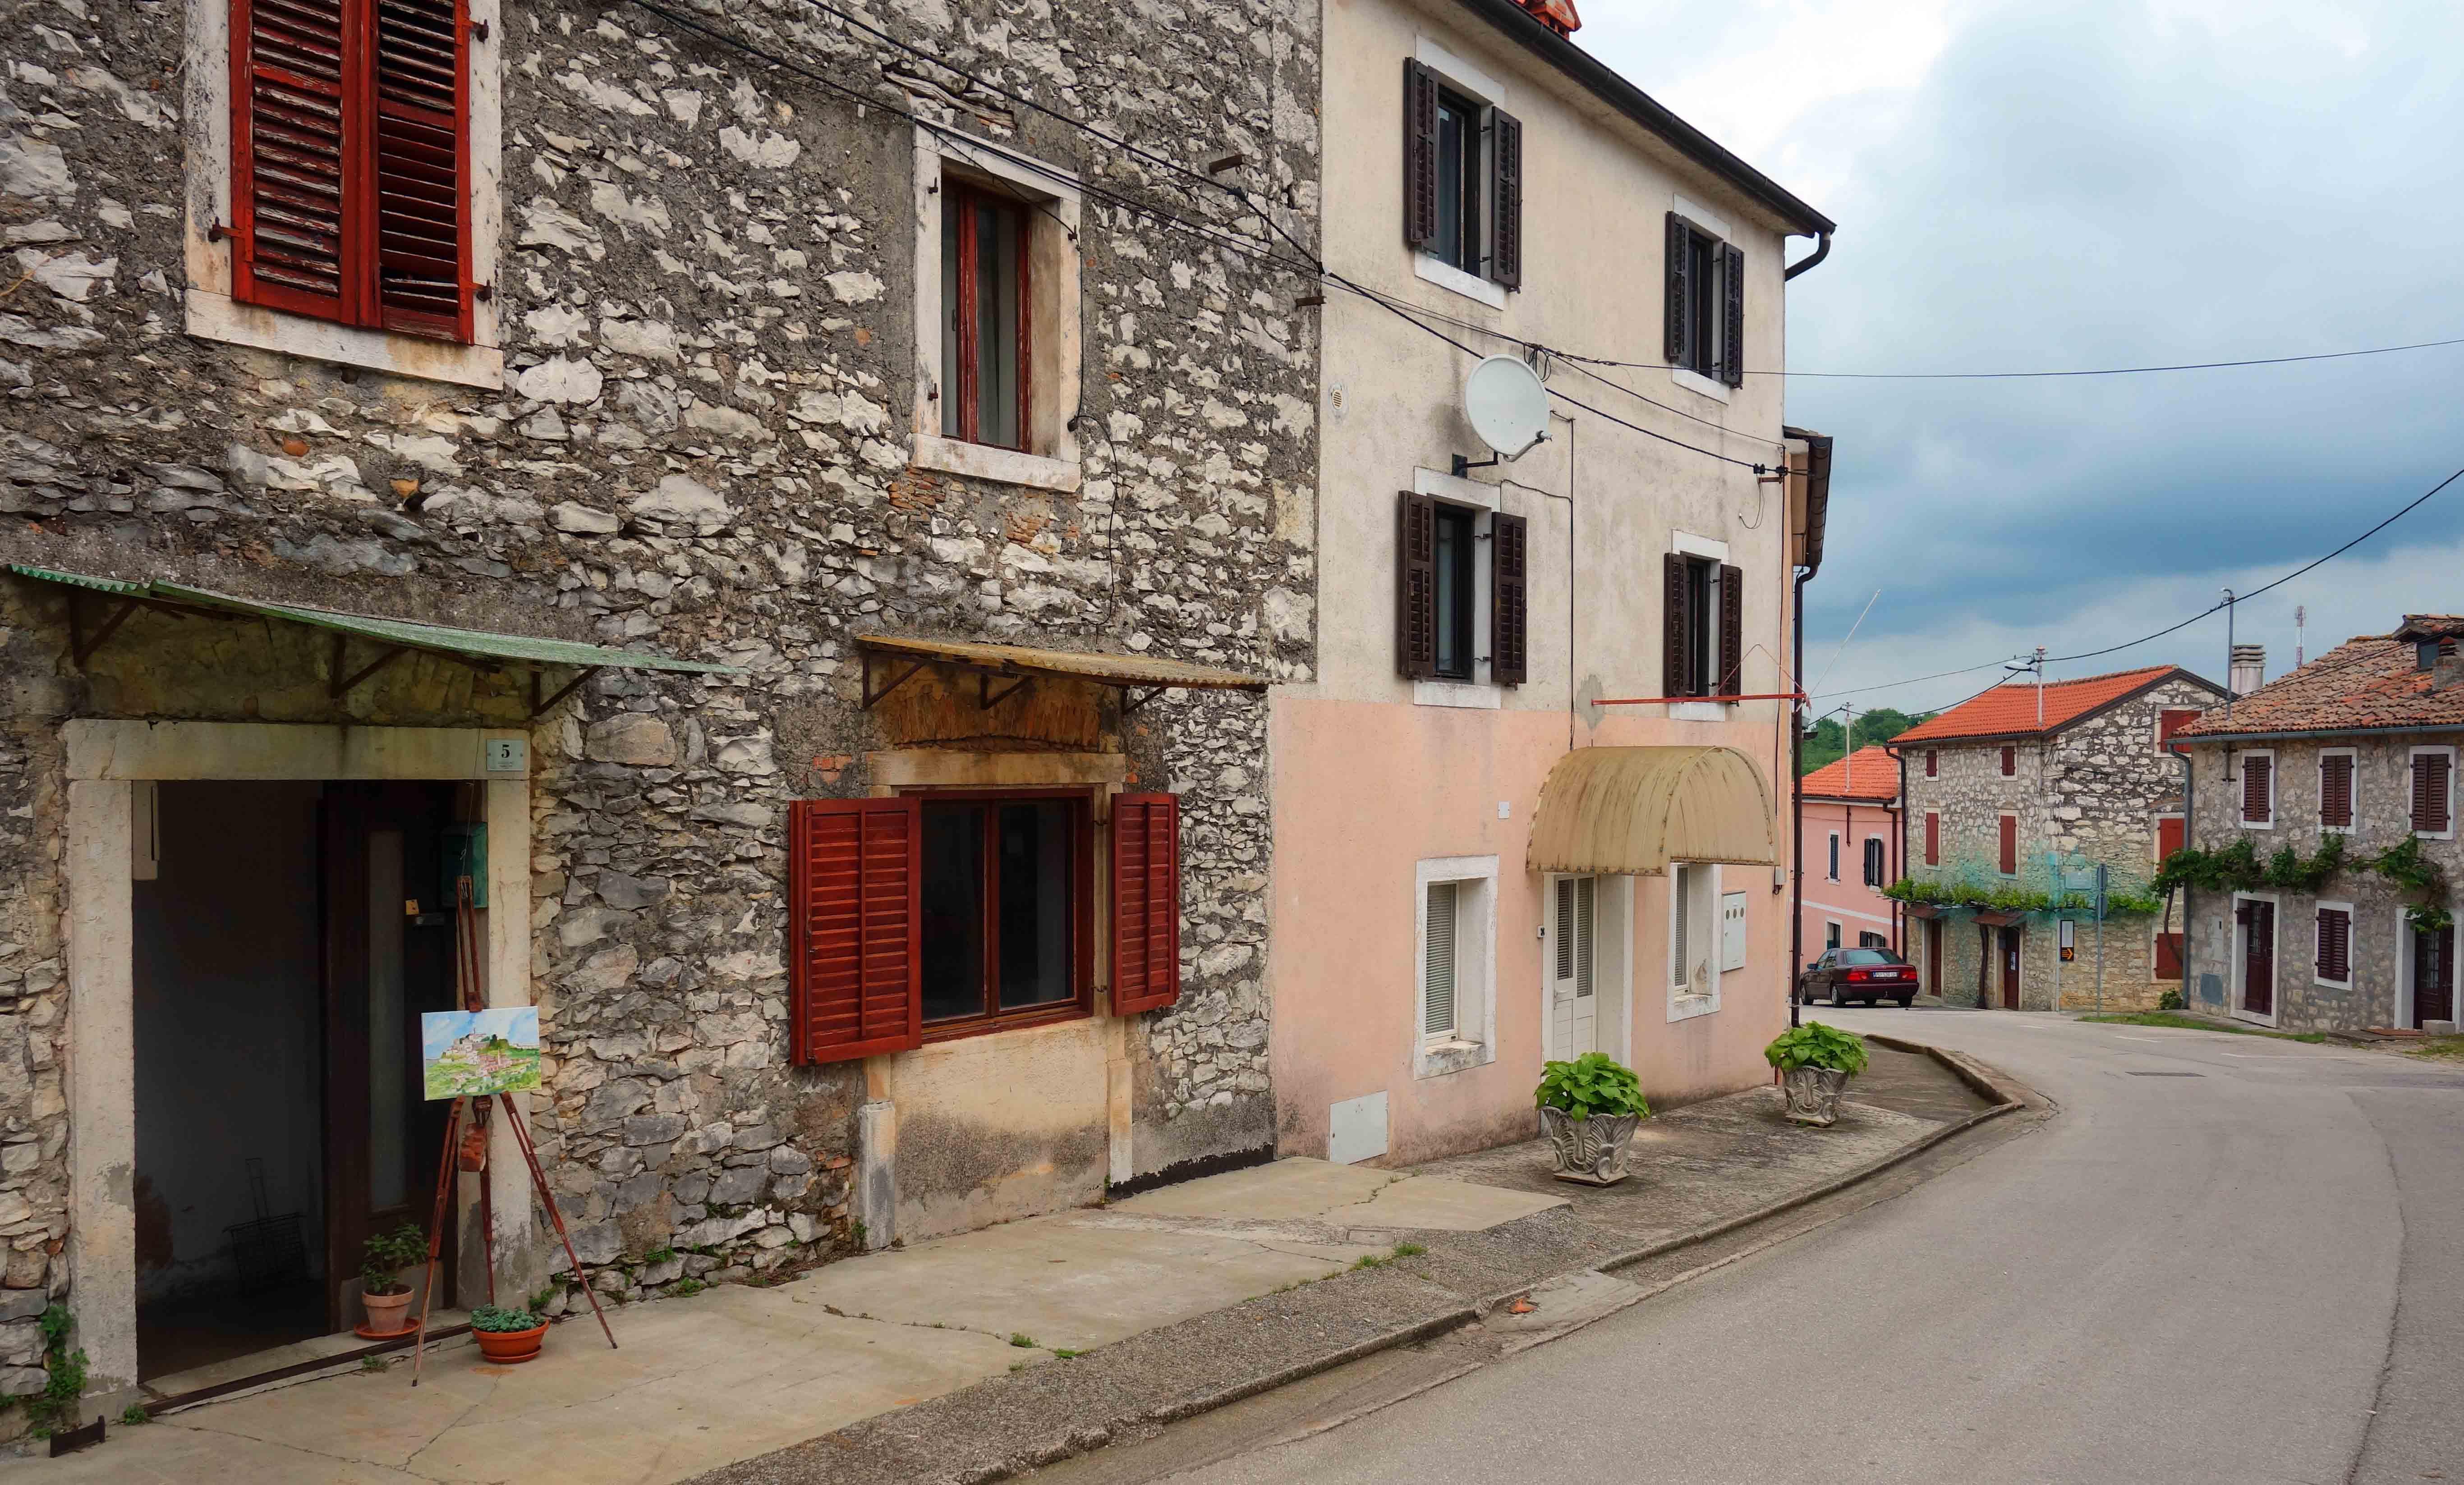 Straße in Brtonigla